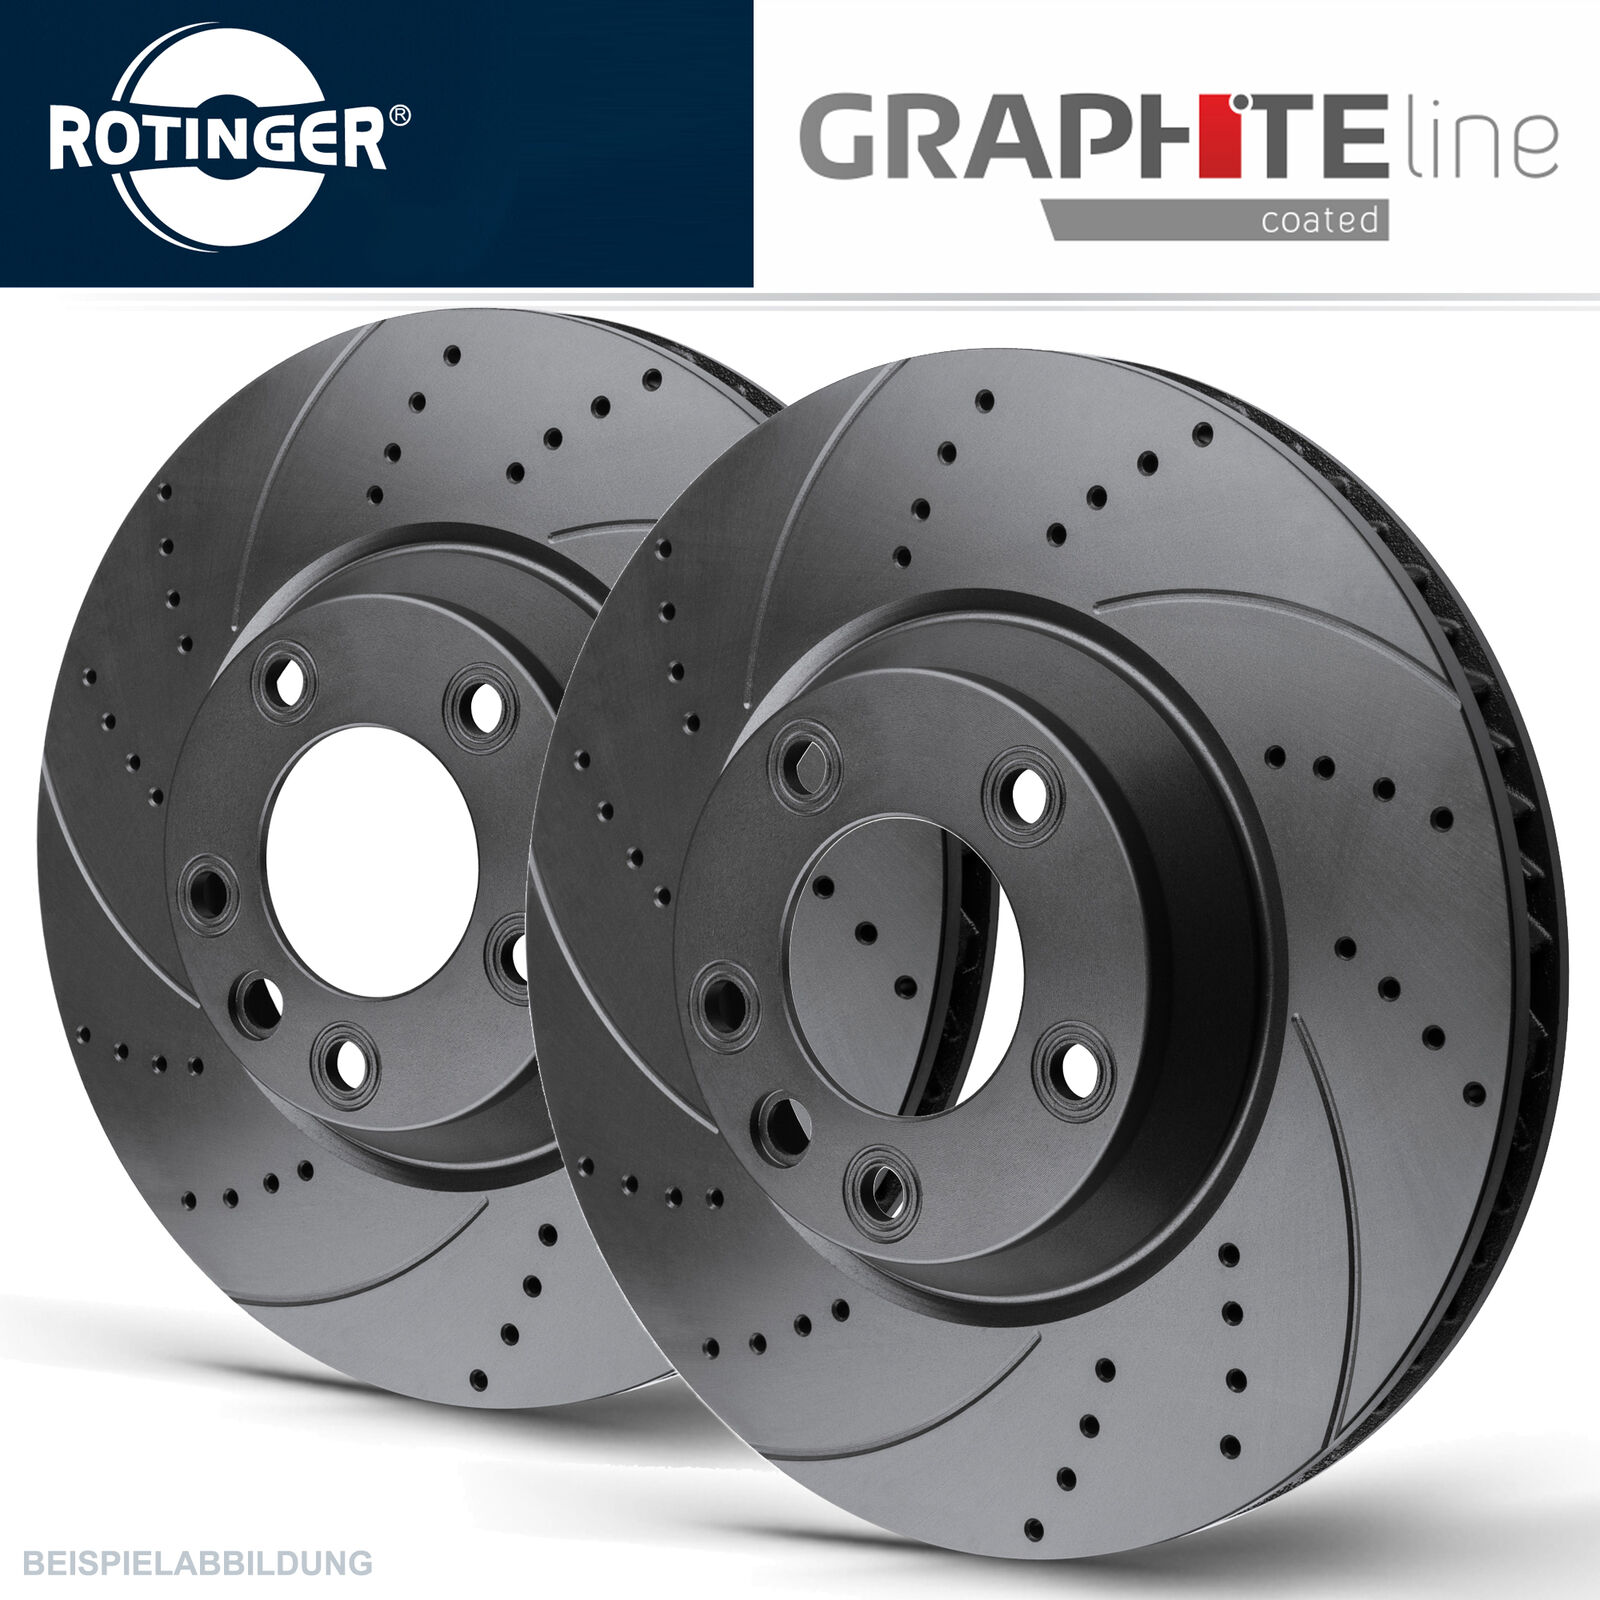 Rotinger High Performance Graphite Sport-Bremsscheiben vorne für BMW E86 E46